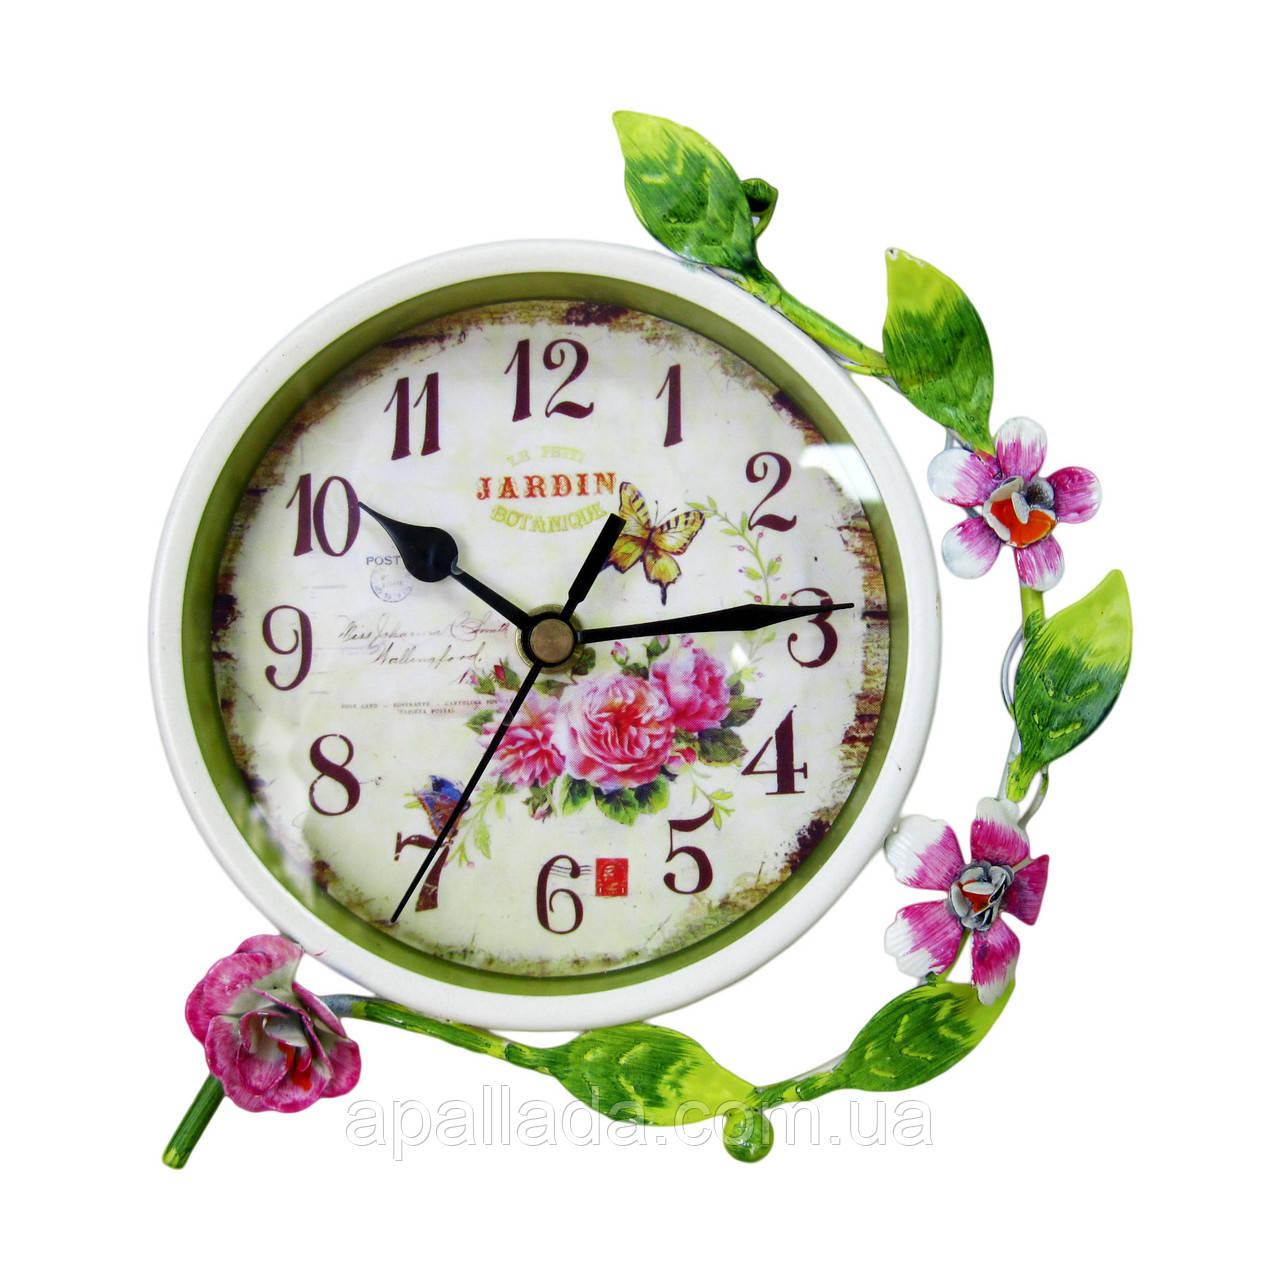 Годинник з квітами 16 см.